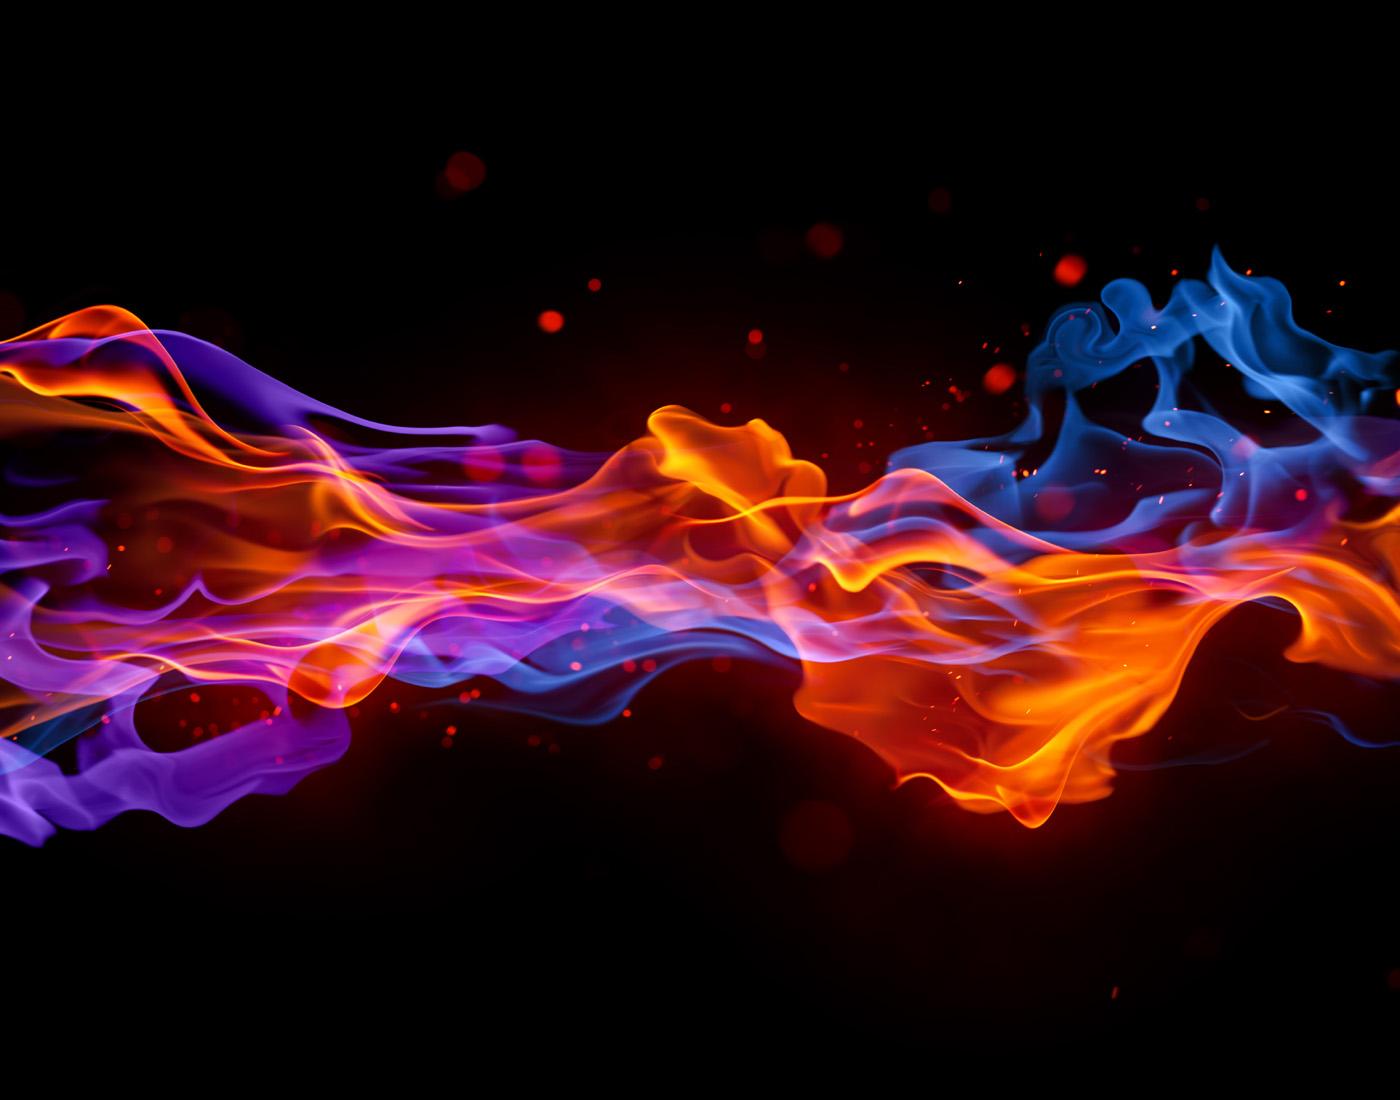 El fuego es indispensable en la vida del hombre